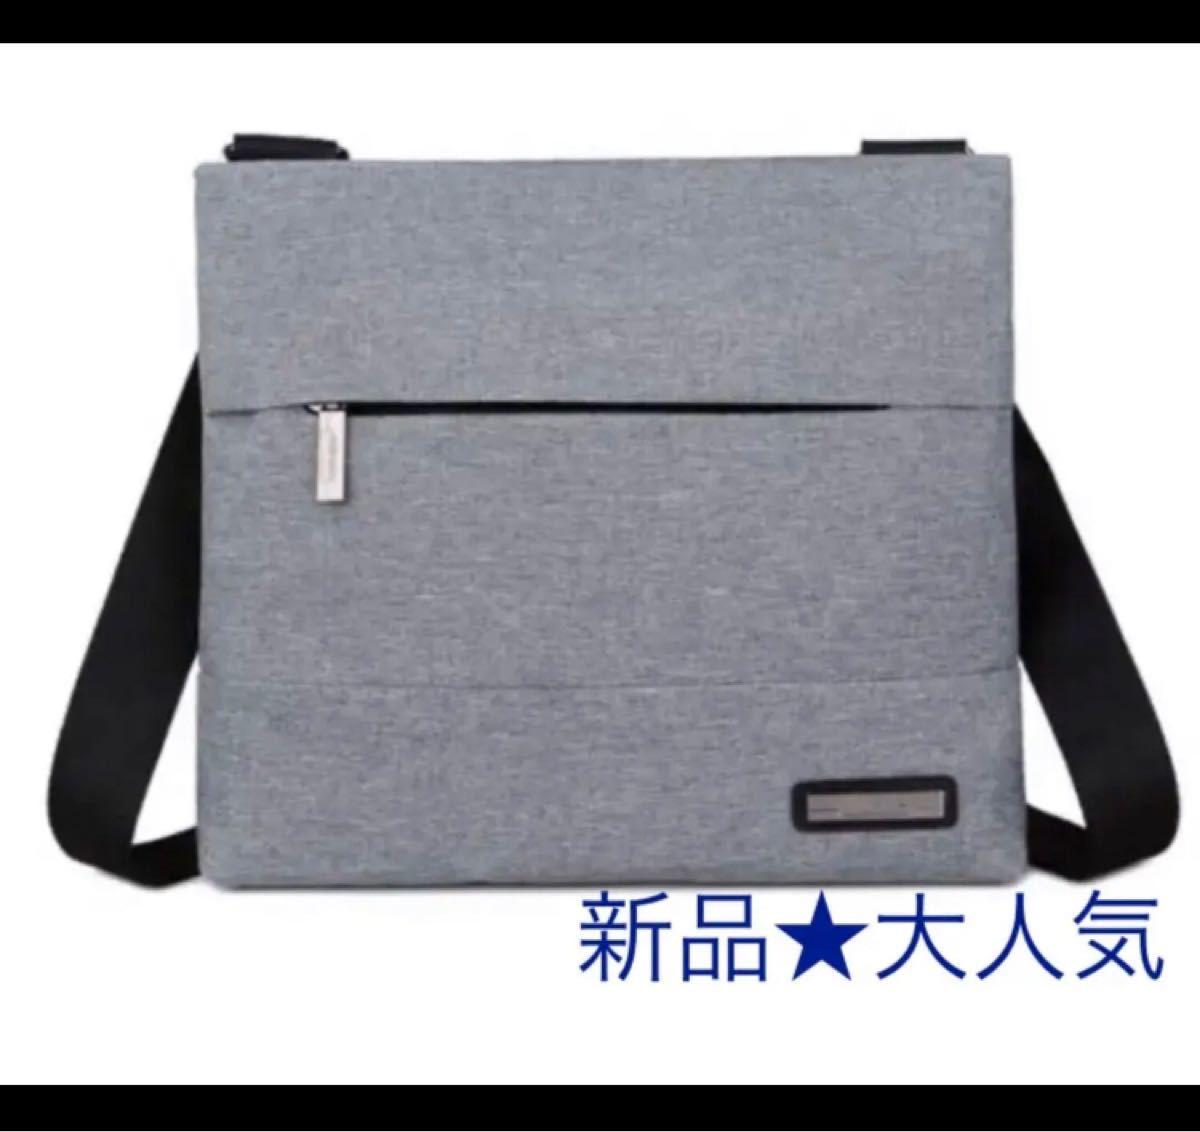 メンズバッグ ショルダーバッグ ビジネスバッグ グレー スーツバッグ iPad収納 メッセンジャーバッグ iPad スーツ